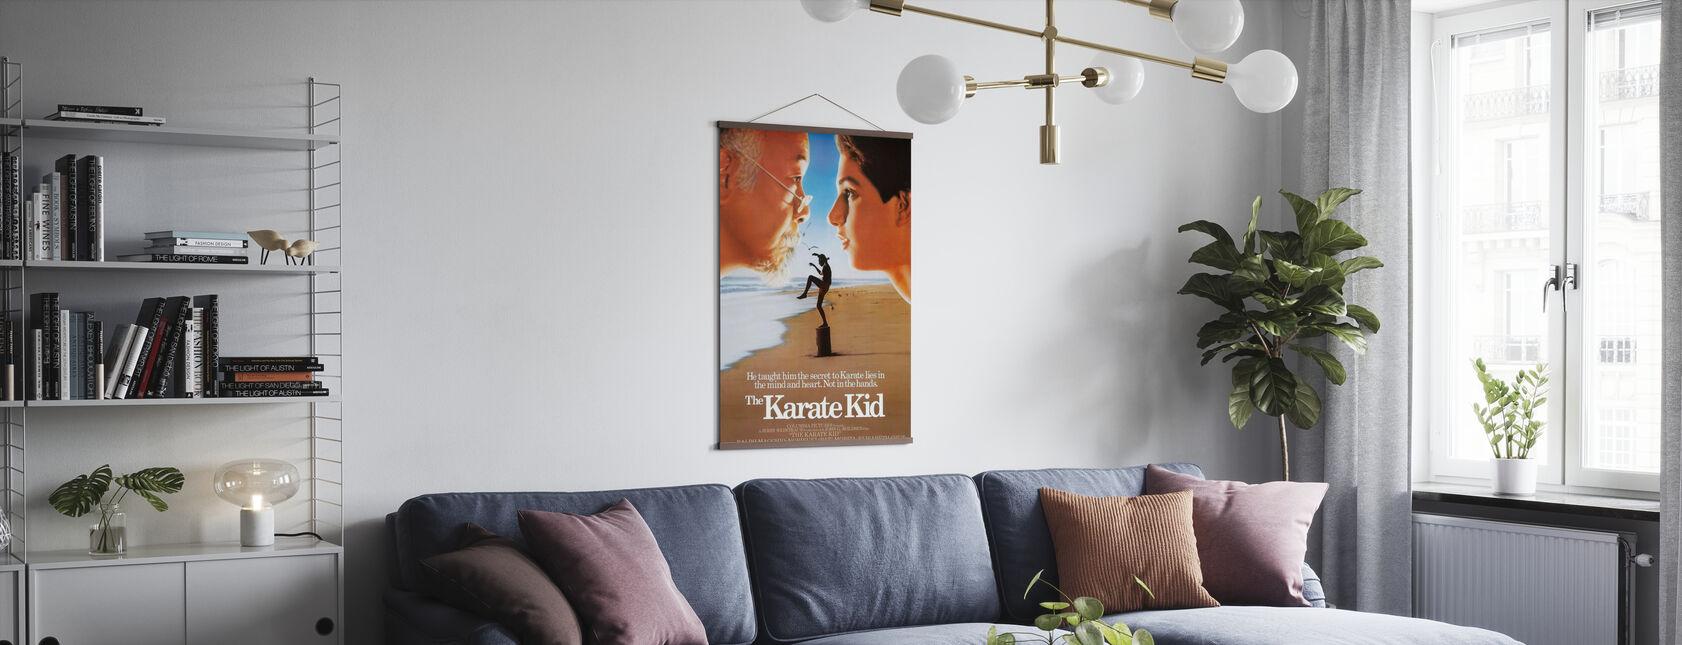 Karate Kid - Plakat - Stue